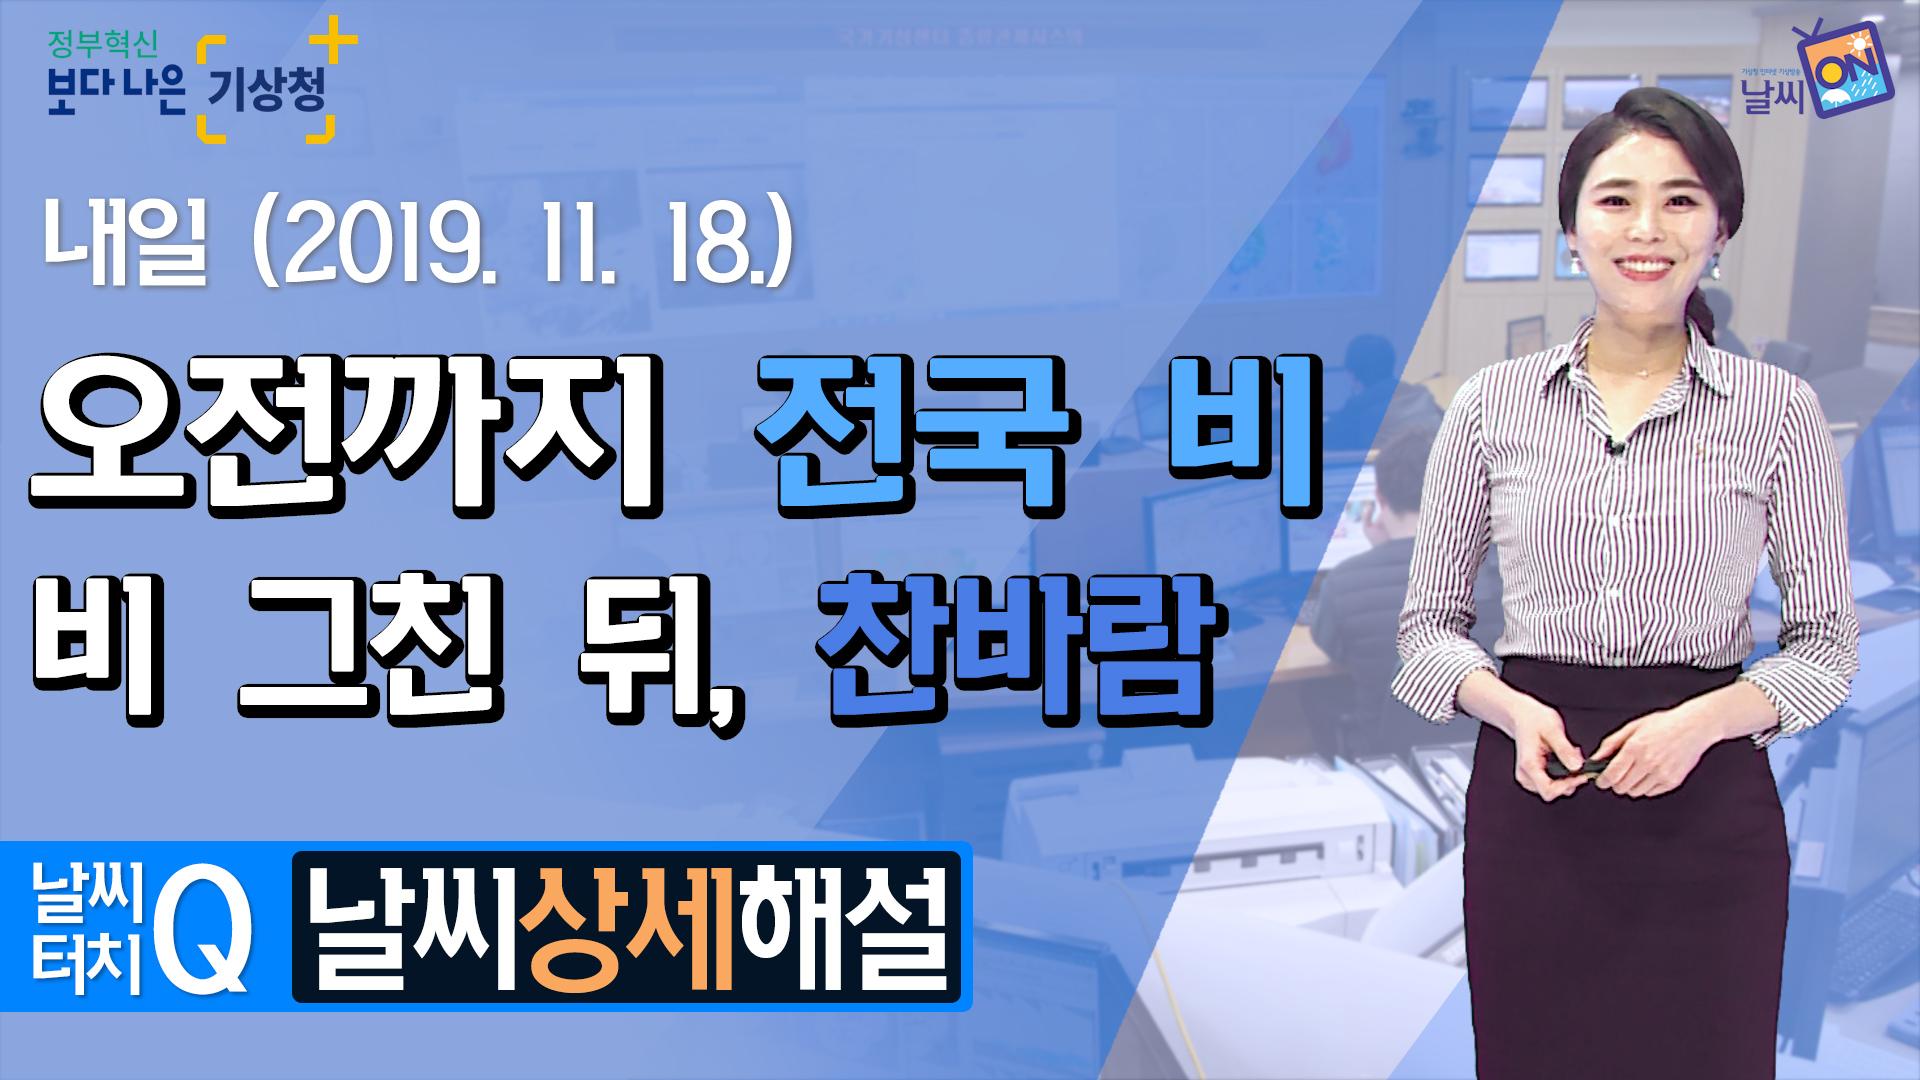 [19시] 11월 18일(월) 오전까지 전국 비, 비 그친 뒤, 찬바람